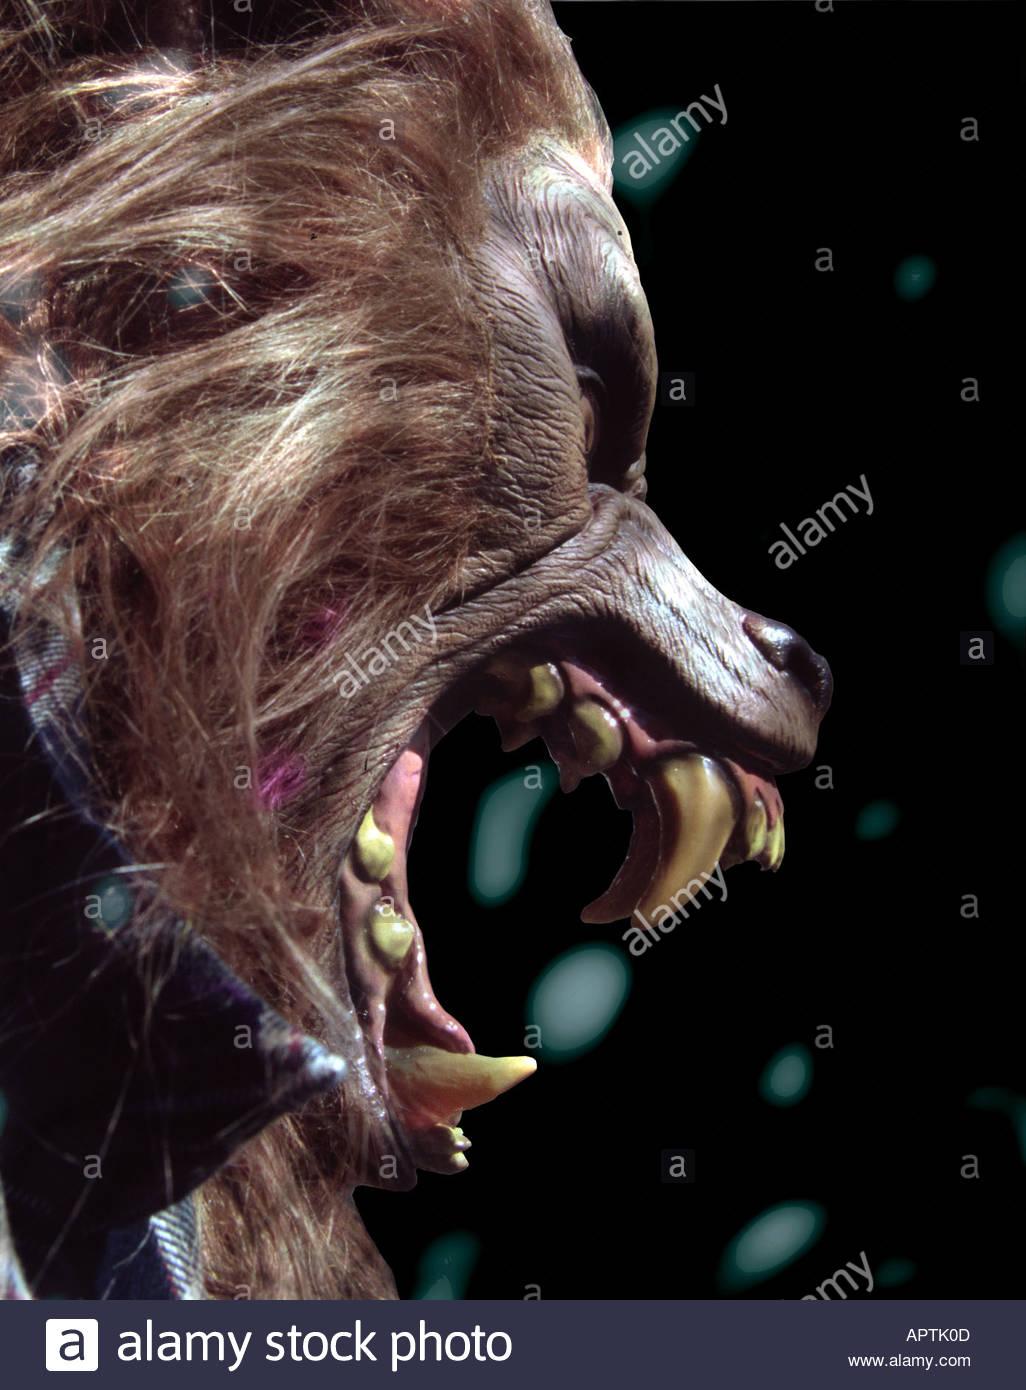 werewolf monster horror - Stock Image